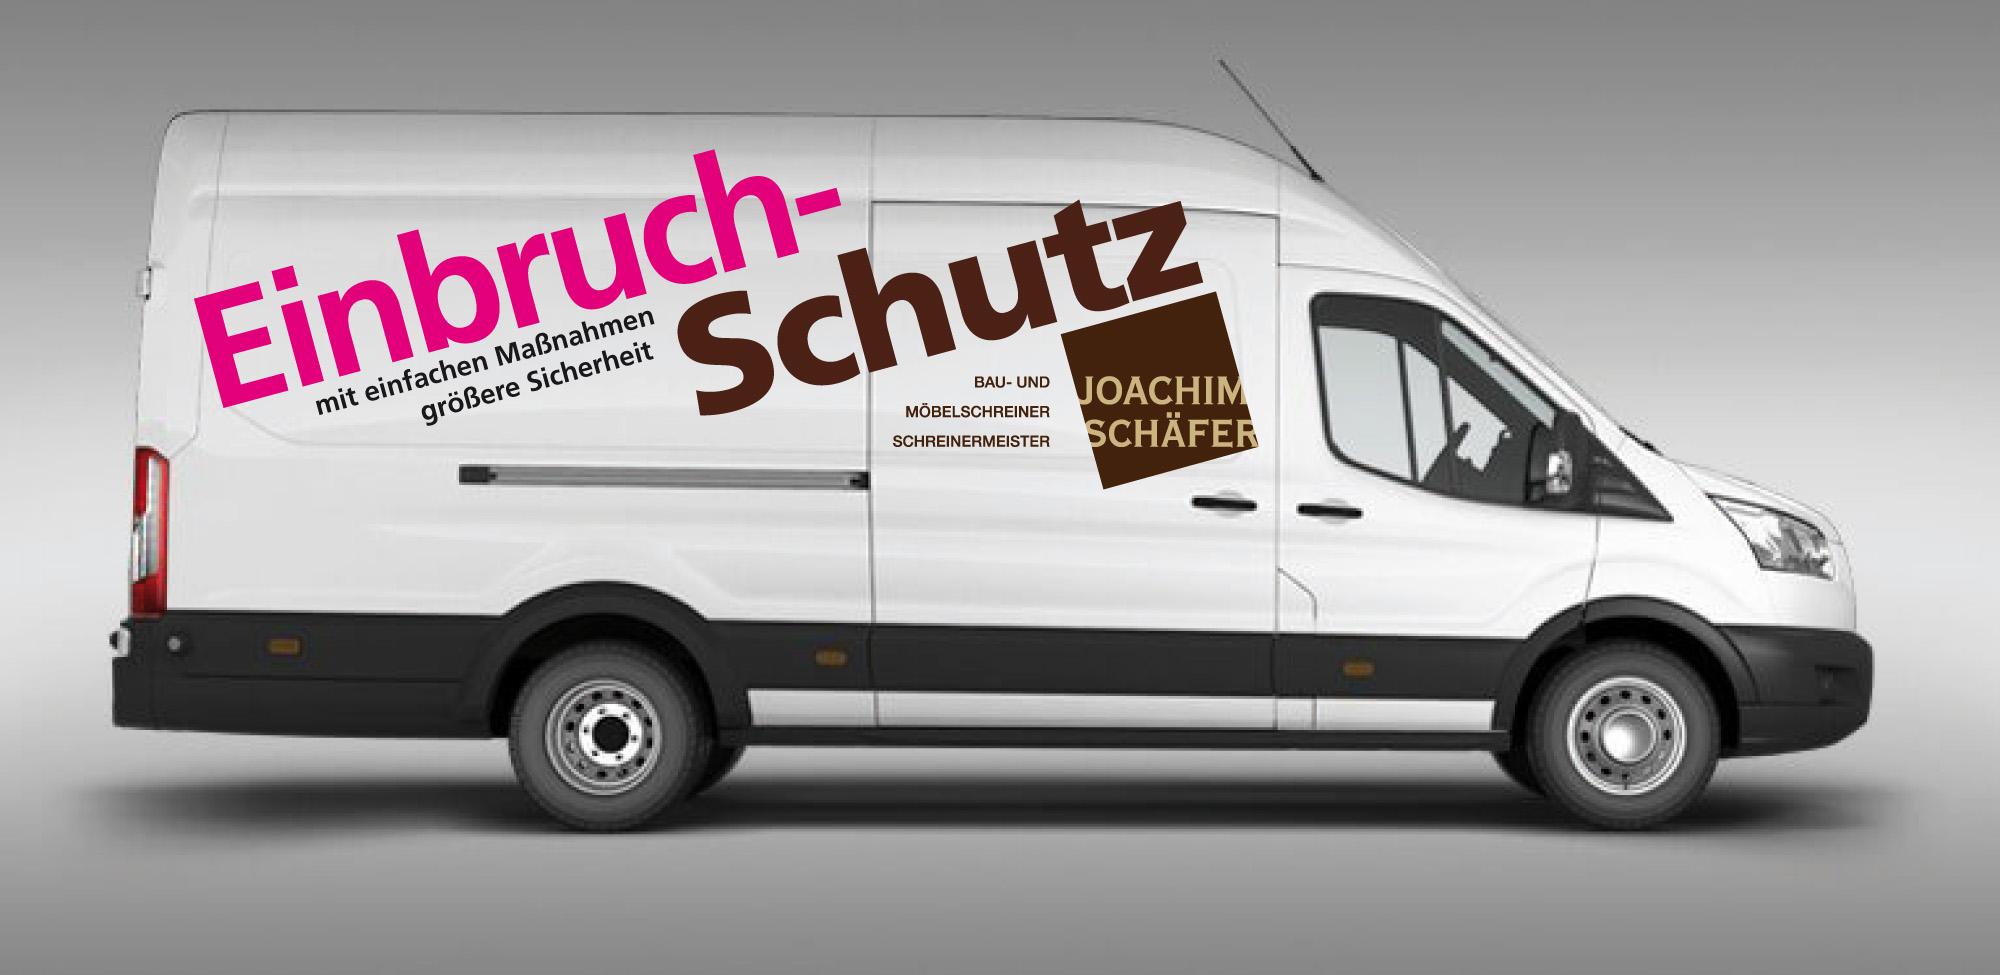 Schäfer_KFZ_Einbruchschutz